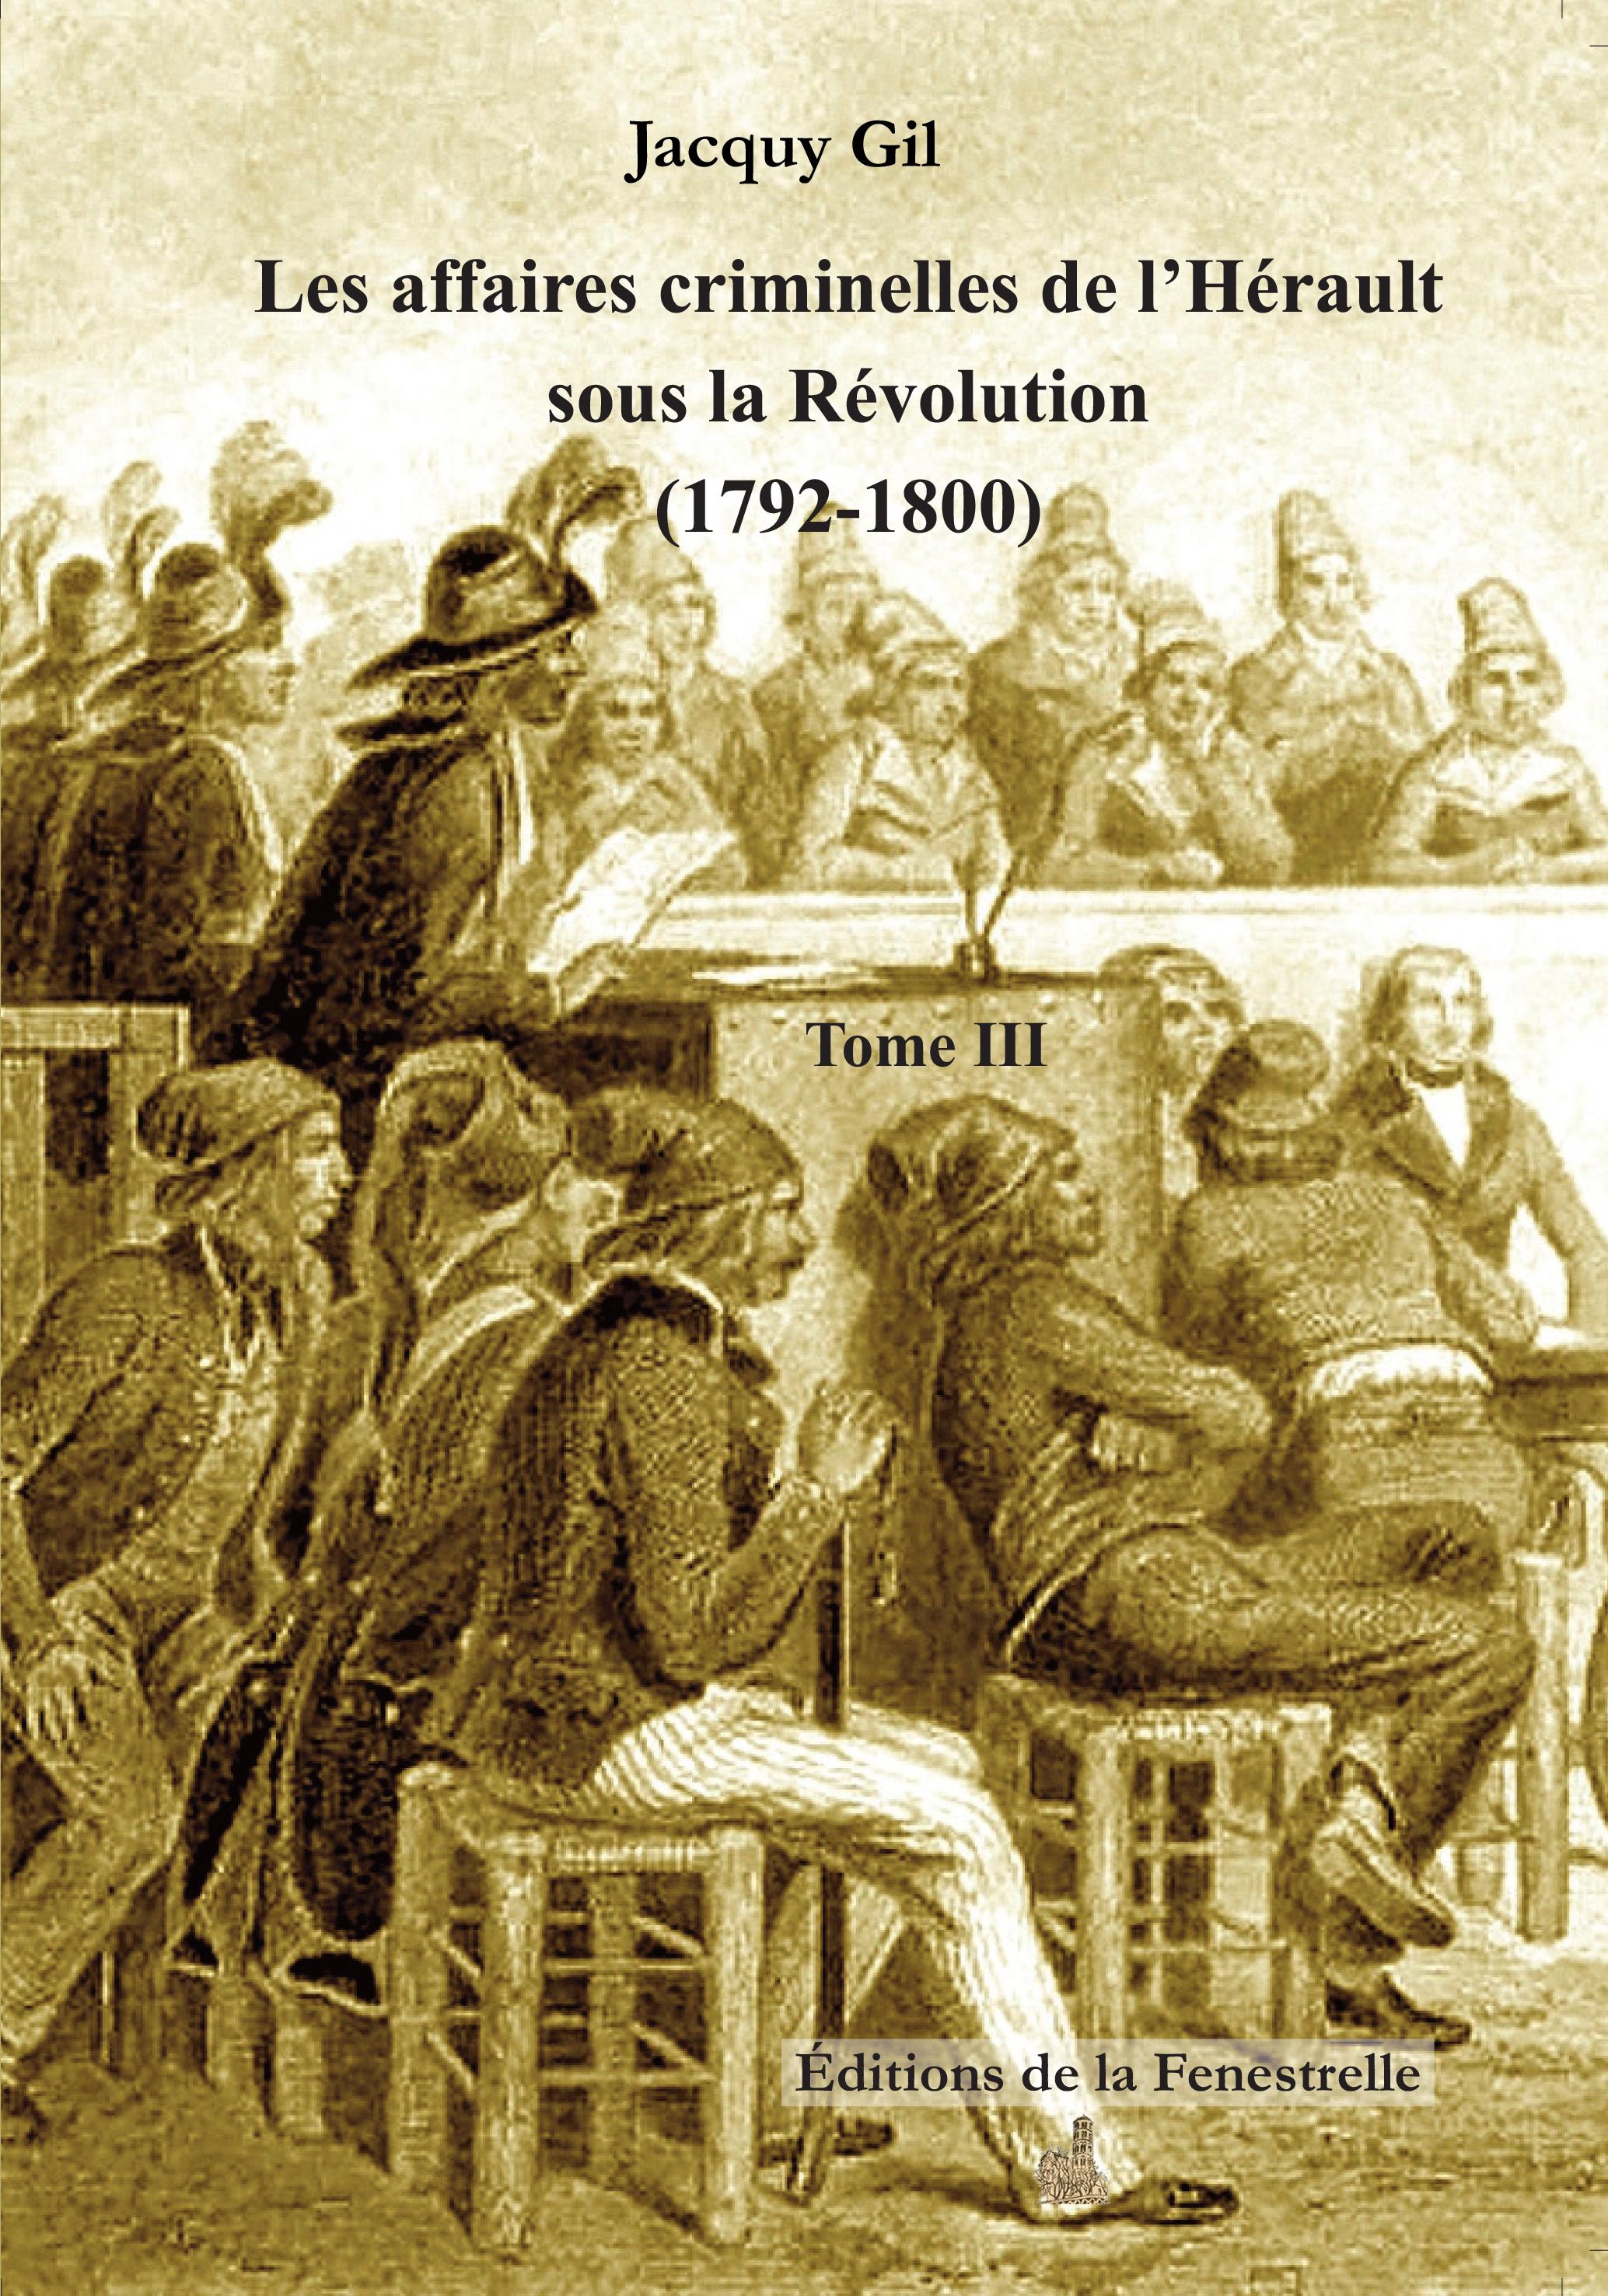 Affaires criminelles de l'Hérault (1792-1800) Tome III